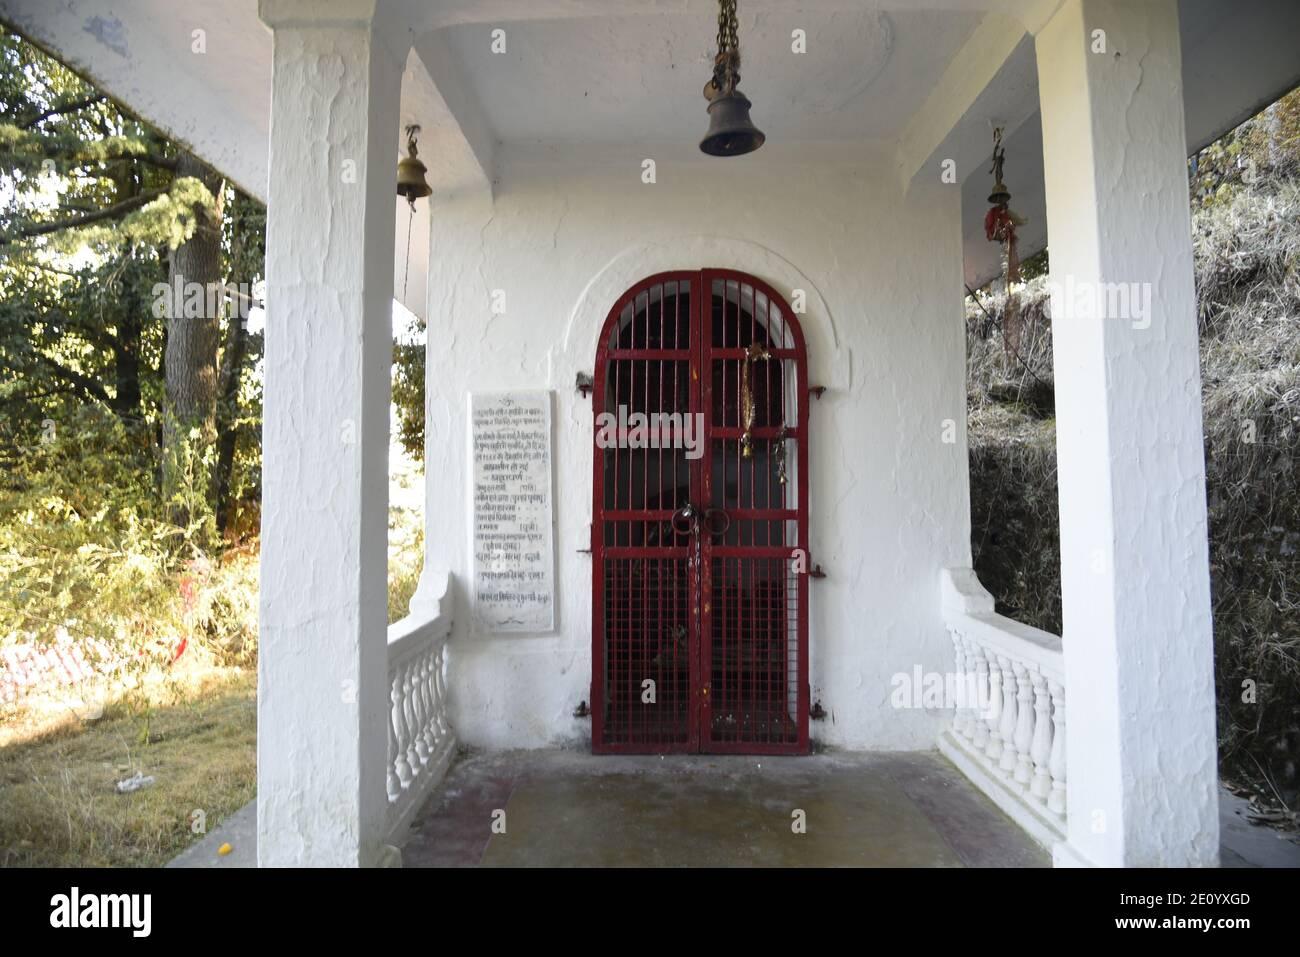 Temple Hindou Lord Shiva Mukteshwar situé dans le district de Nainital, État d'Uttarakhand. Célèbre pour Himalaya View et Lord Shiva's. Banque D'Images